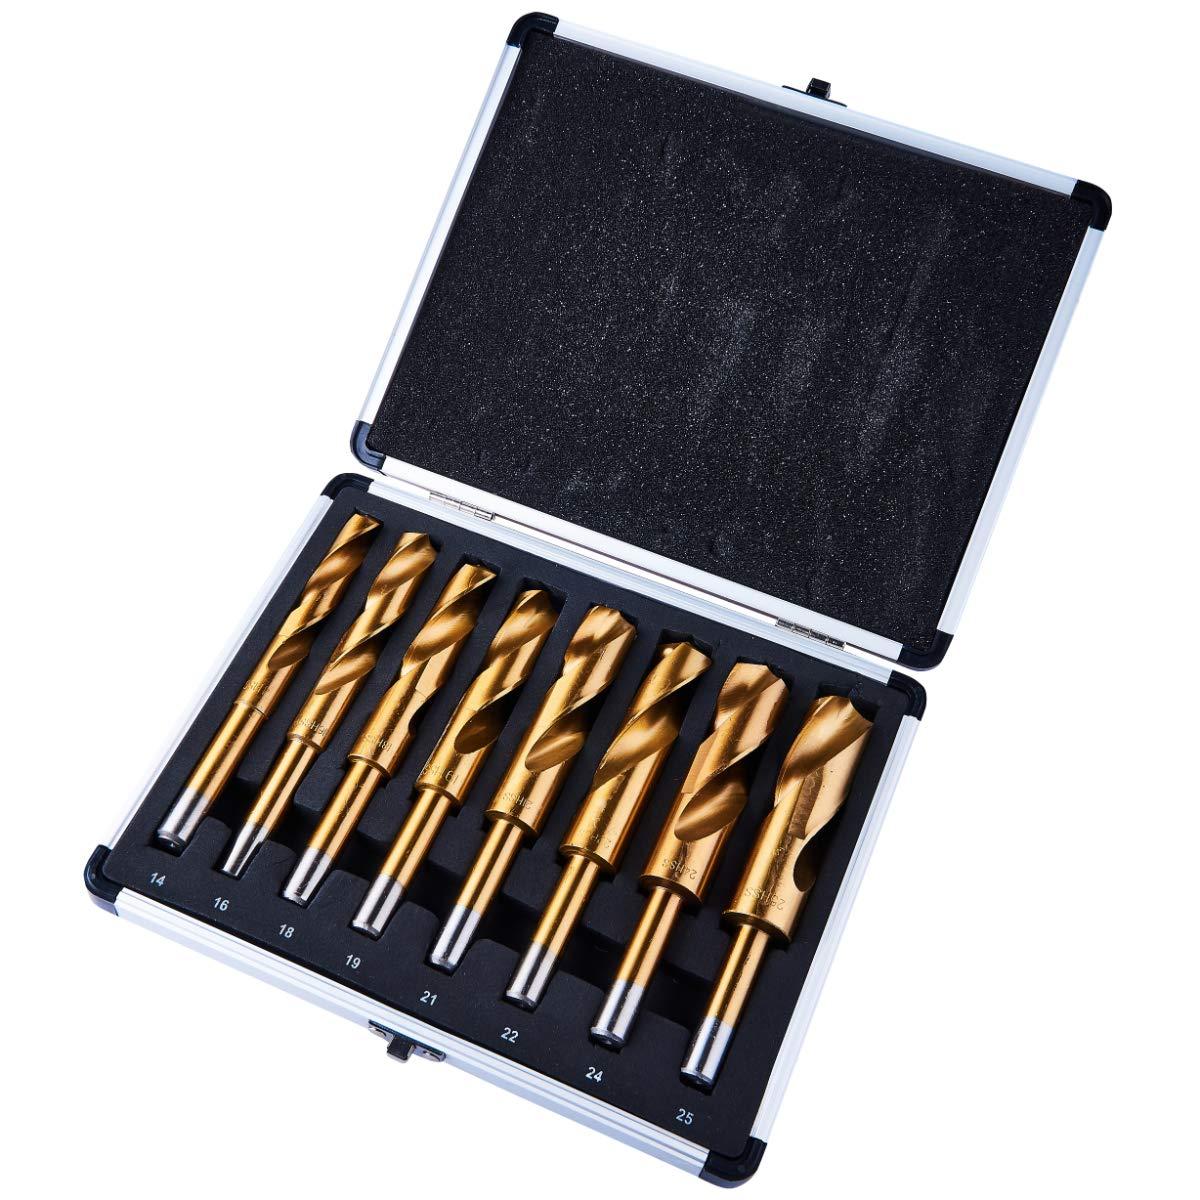 Silverline 801701 Blacksmiths Drill Bit 16mm